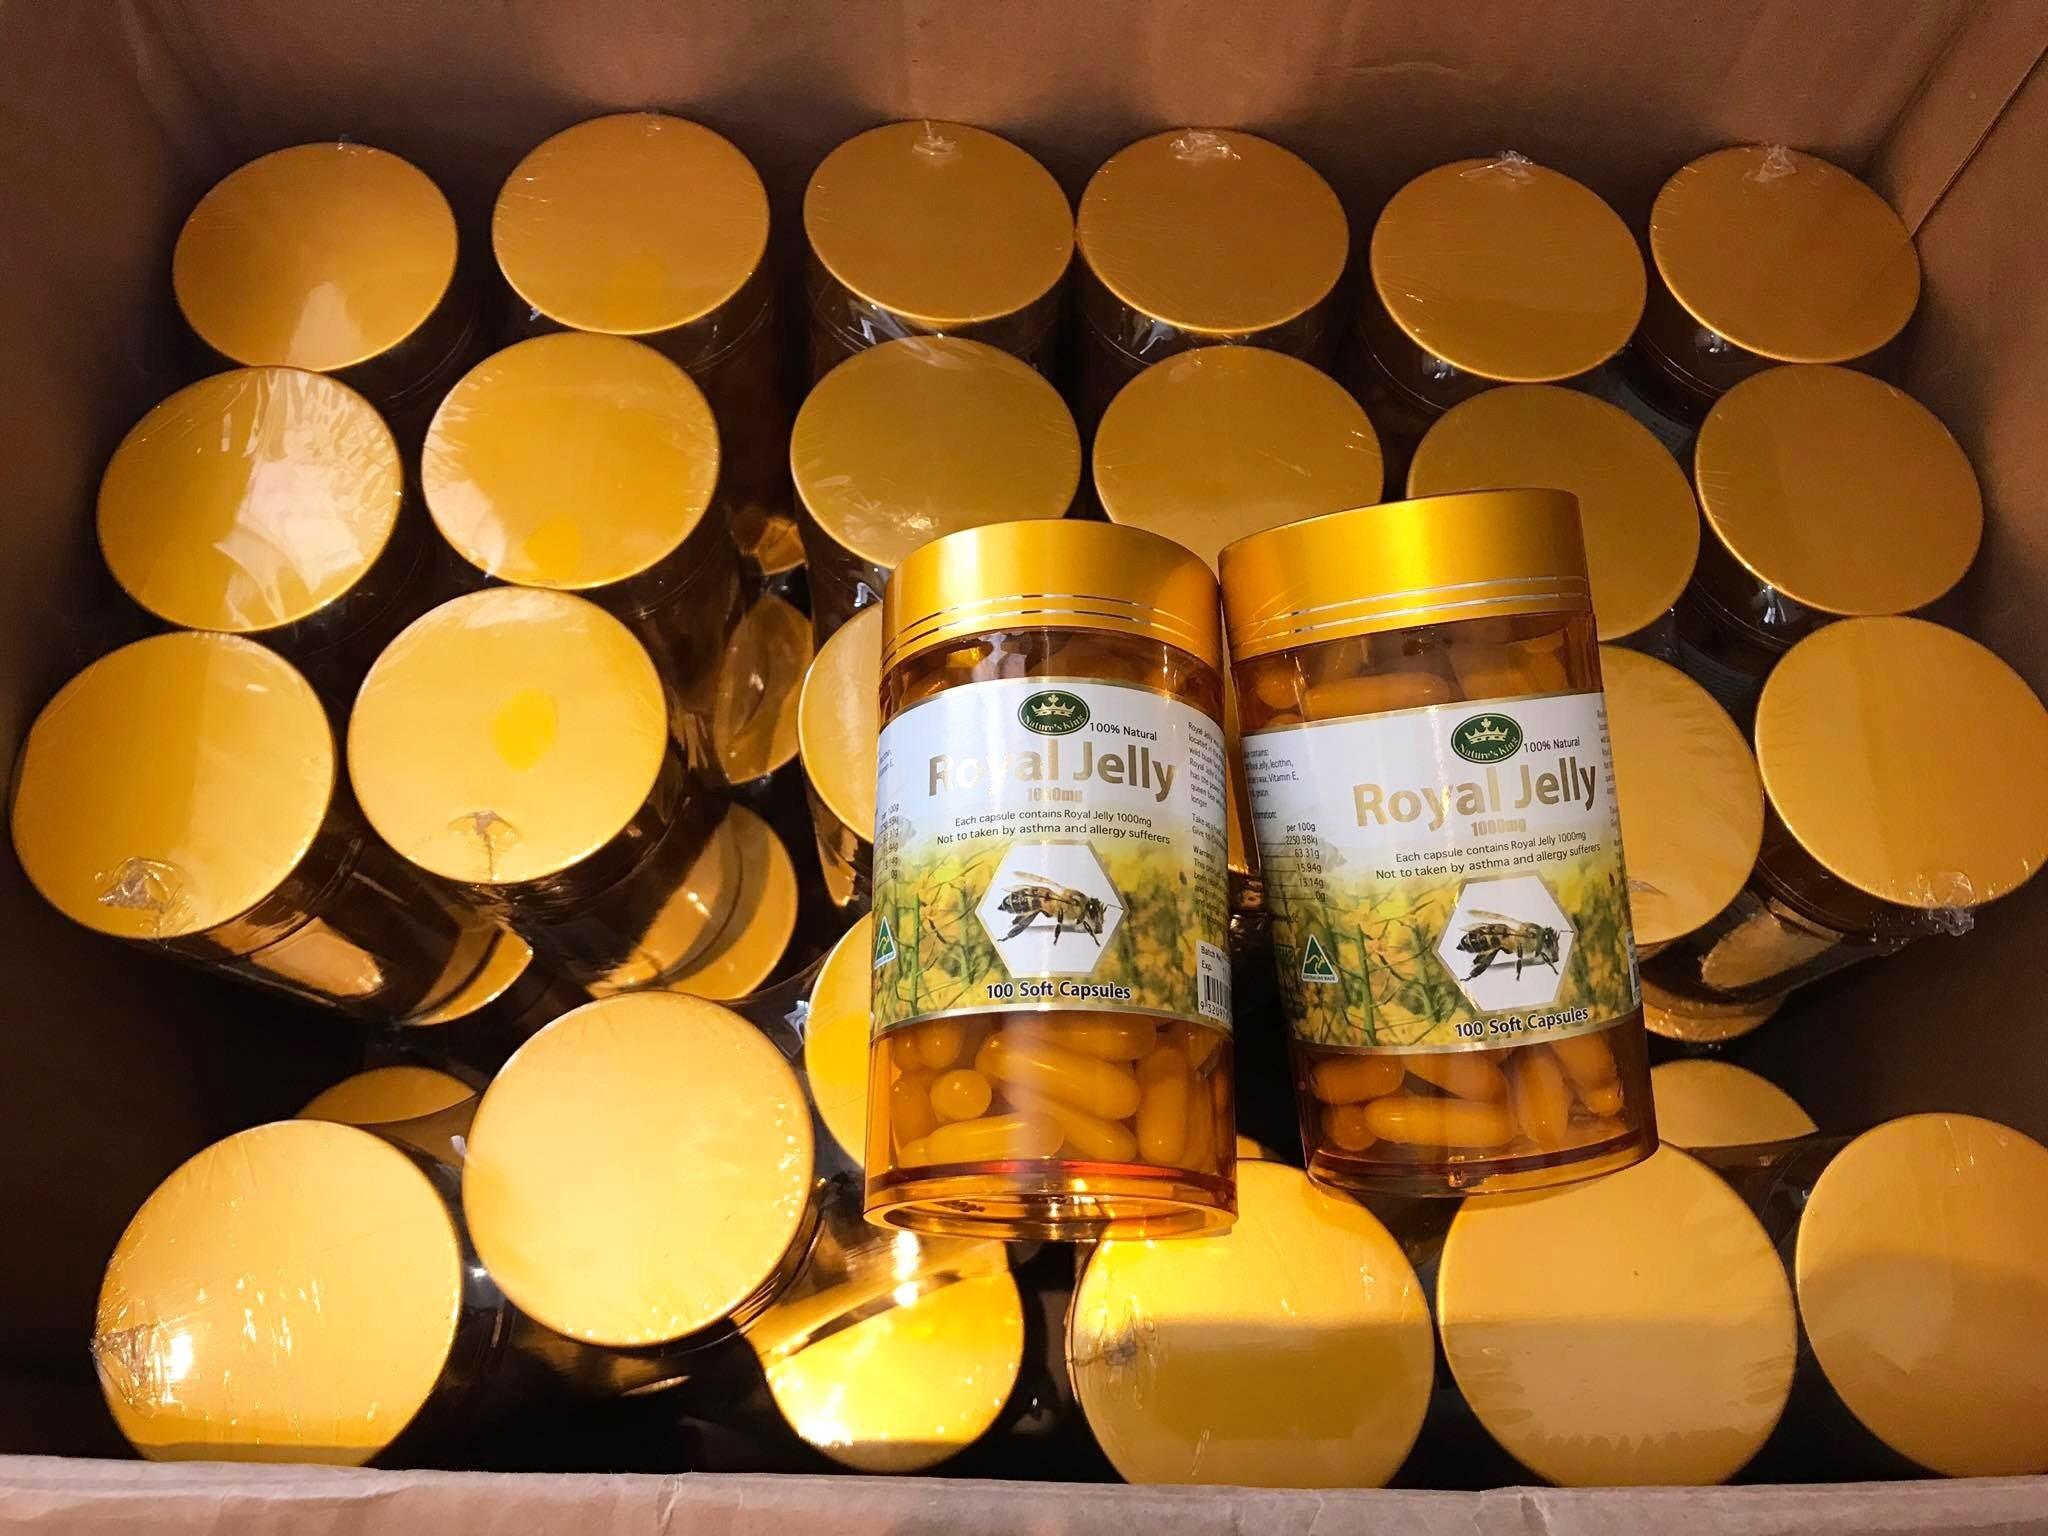 Nature's king royal jelly 1000mg นมผึ้งเนเจอร์คิง บรรจุ 100 เม็ด